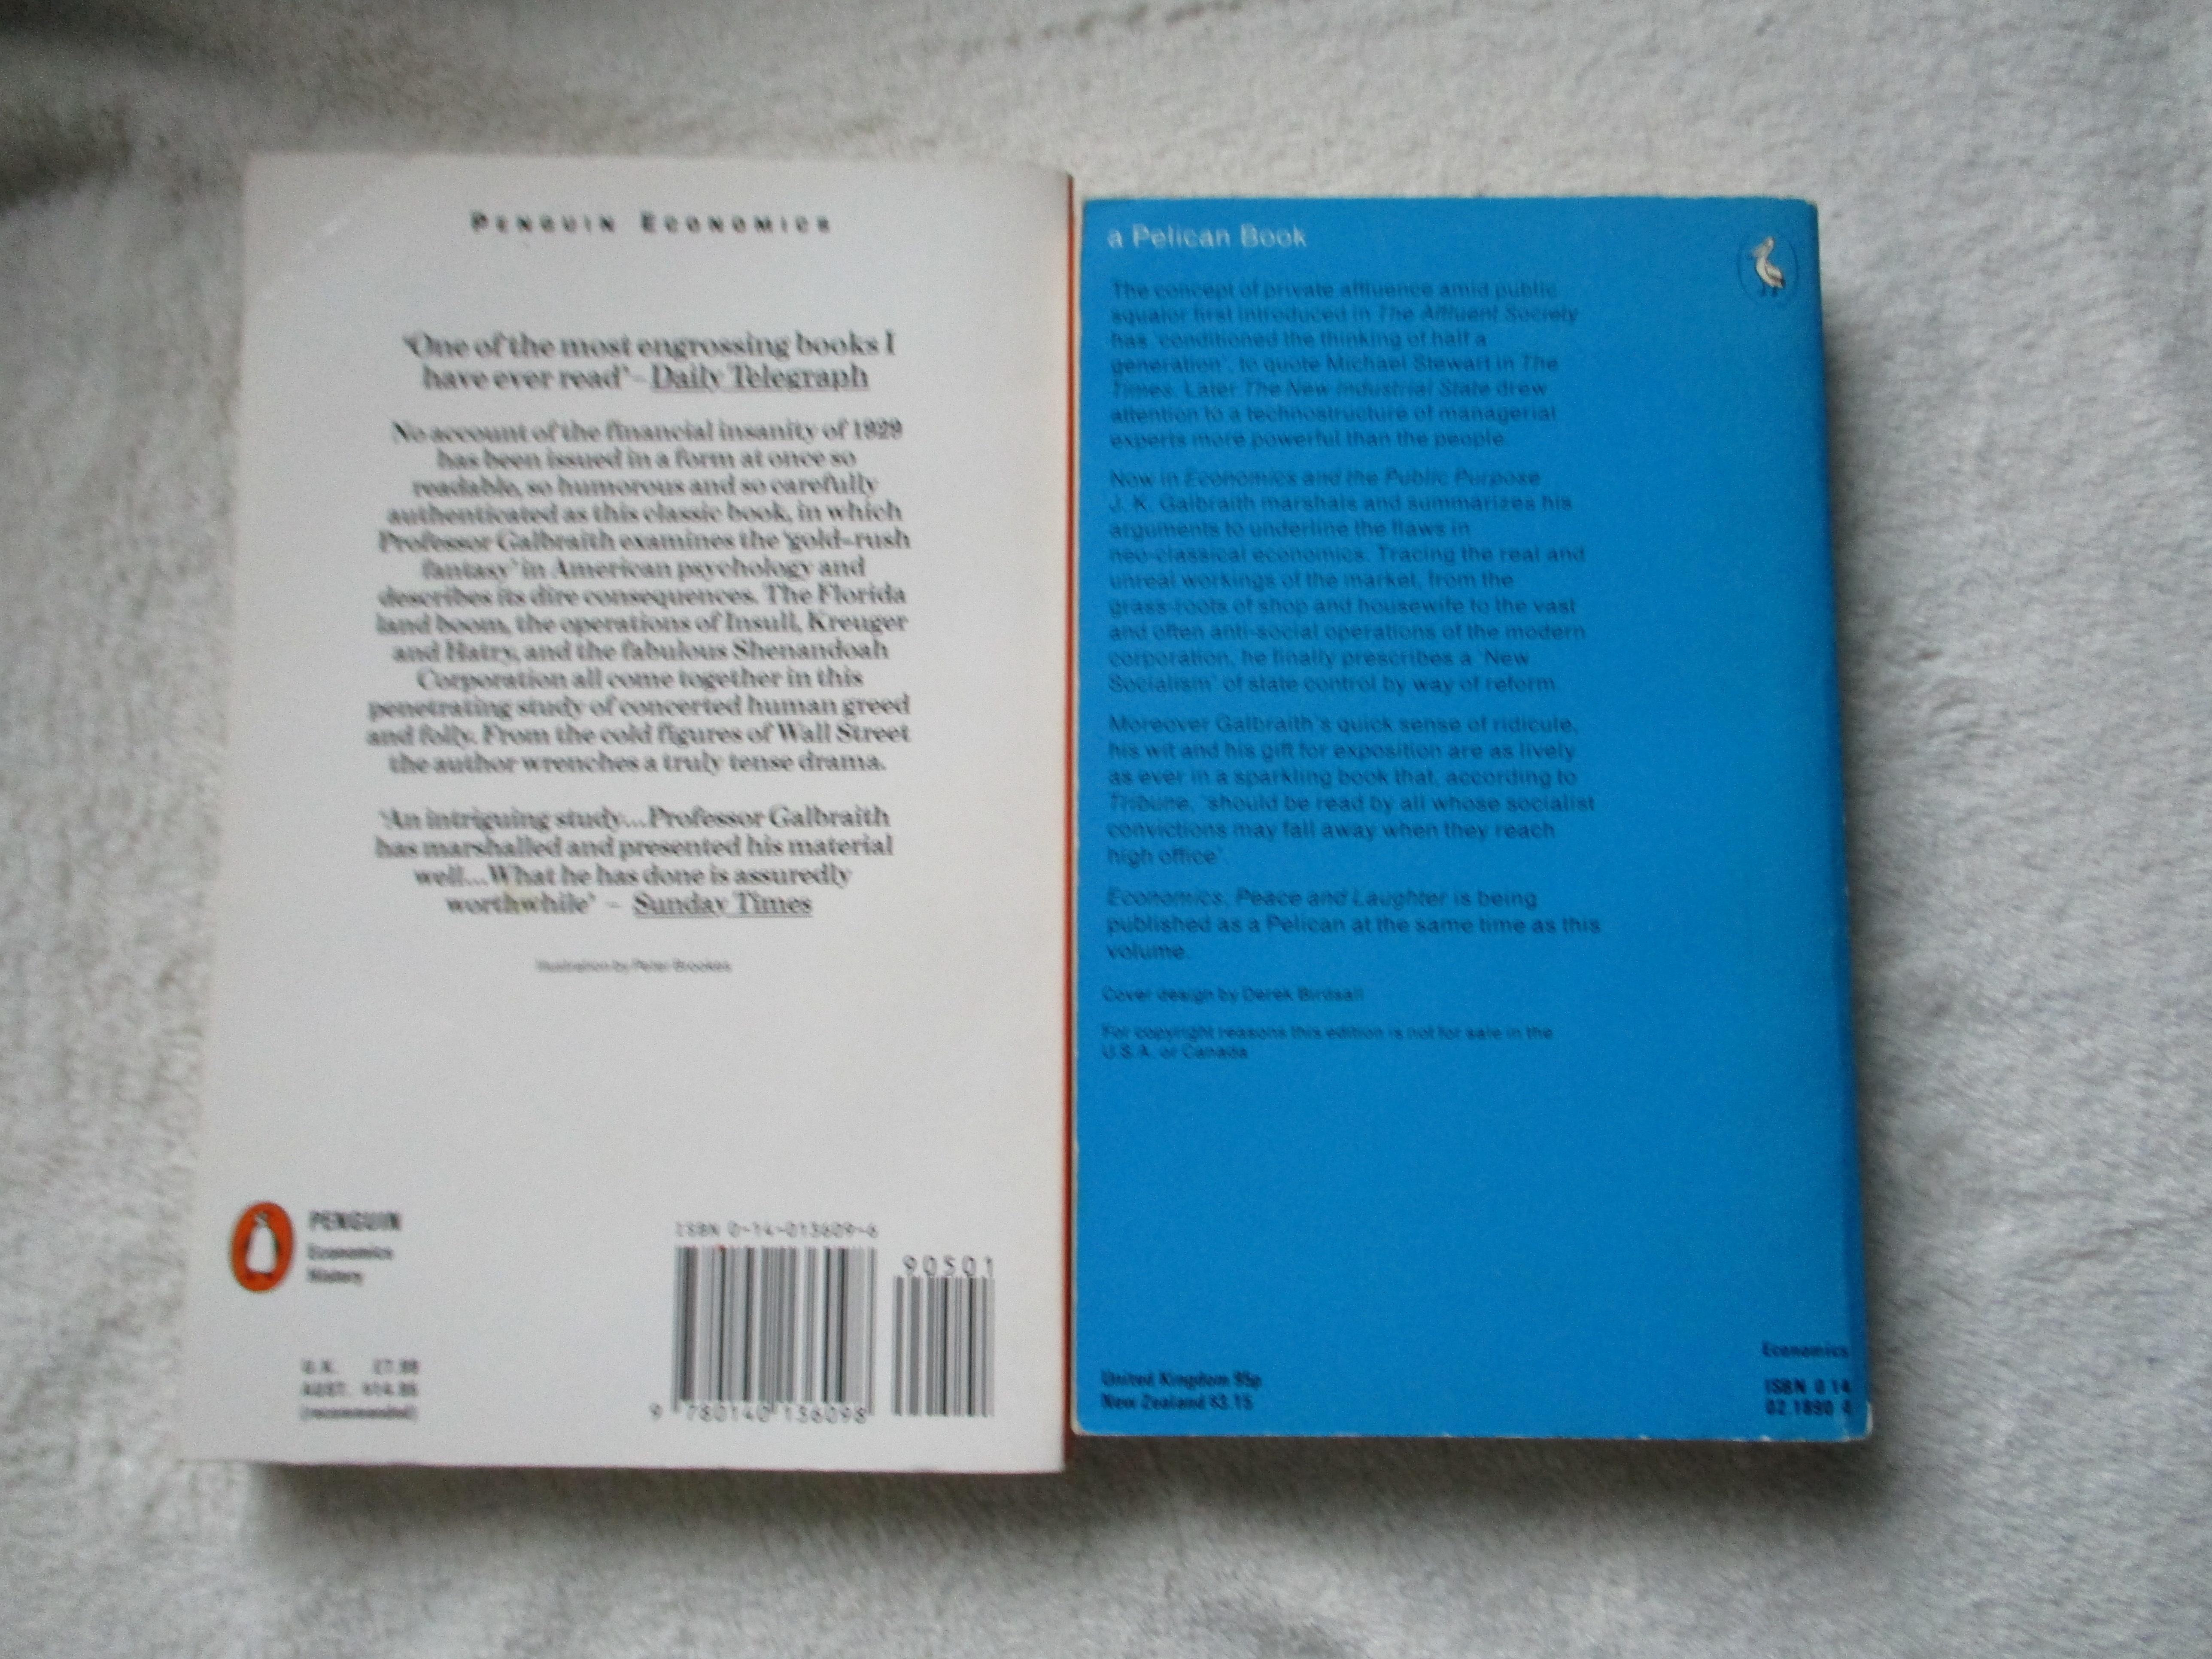 troc de troc 2 livres en anglais de galbraith l'économiste image 1